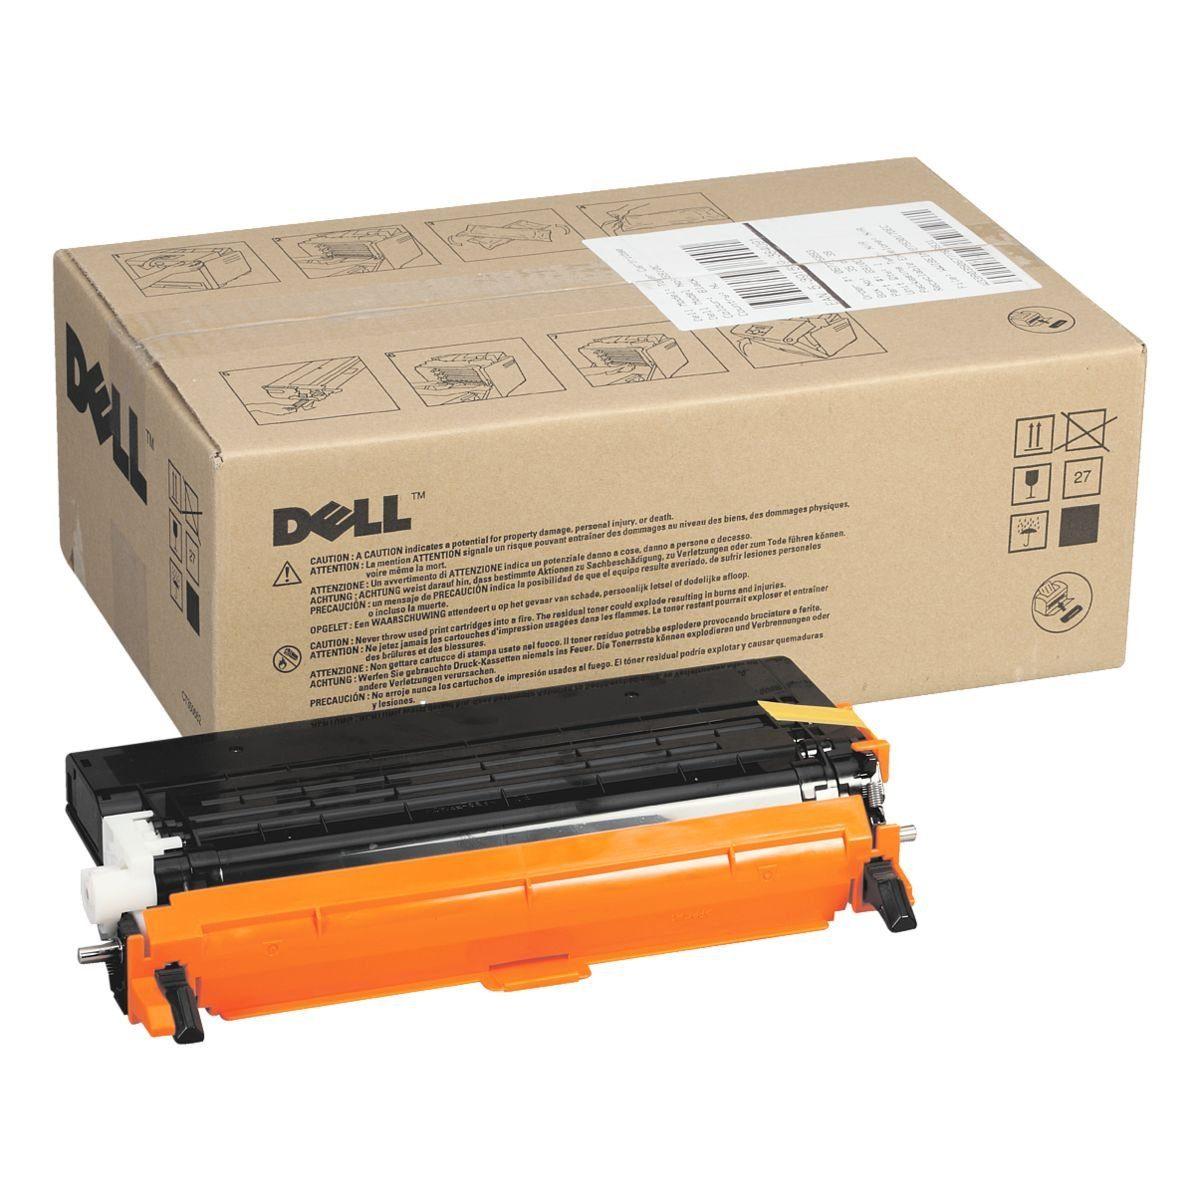 Dell Tonerkartusche »593-10293«